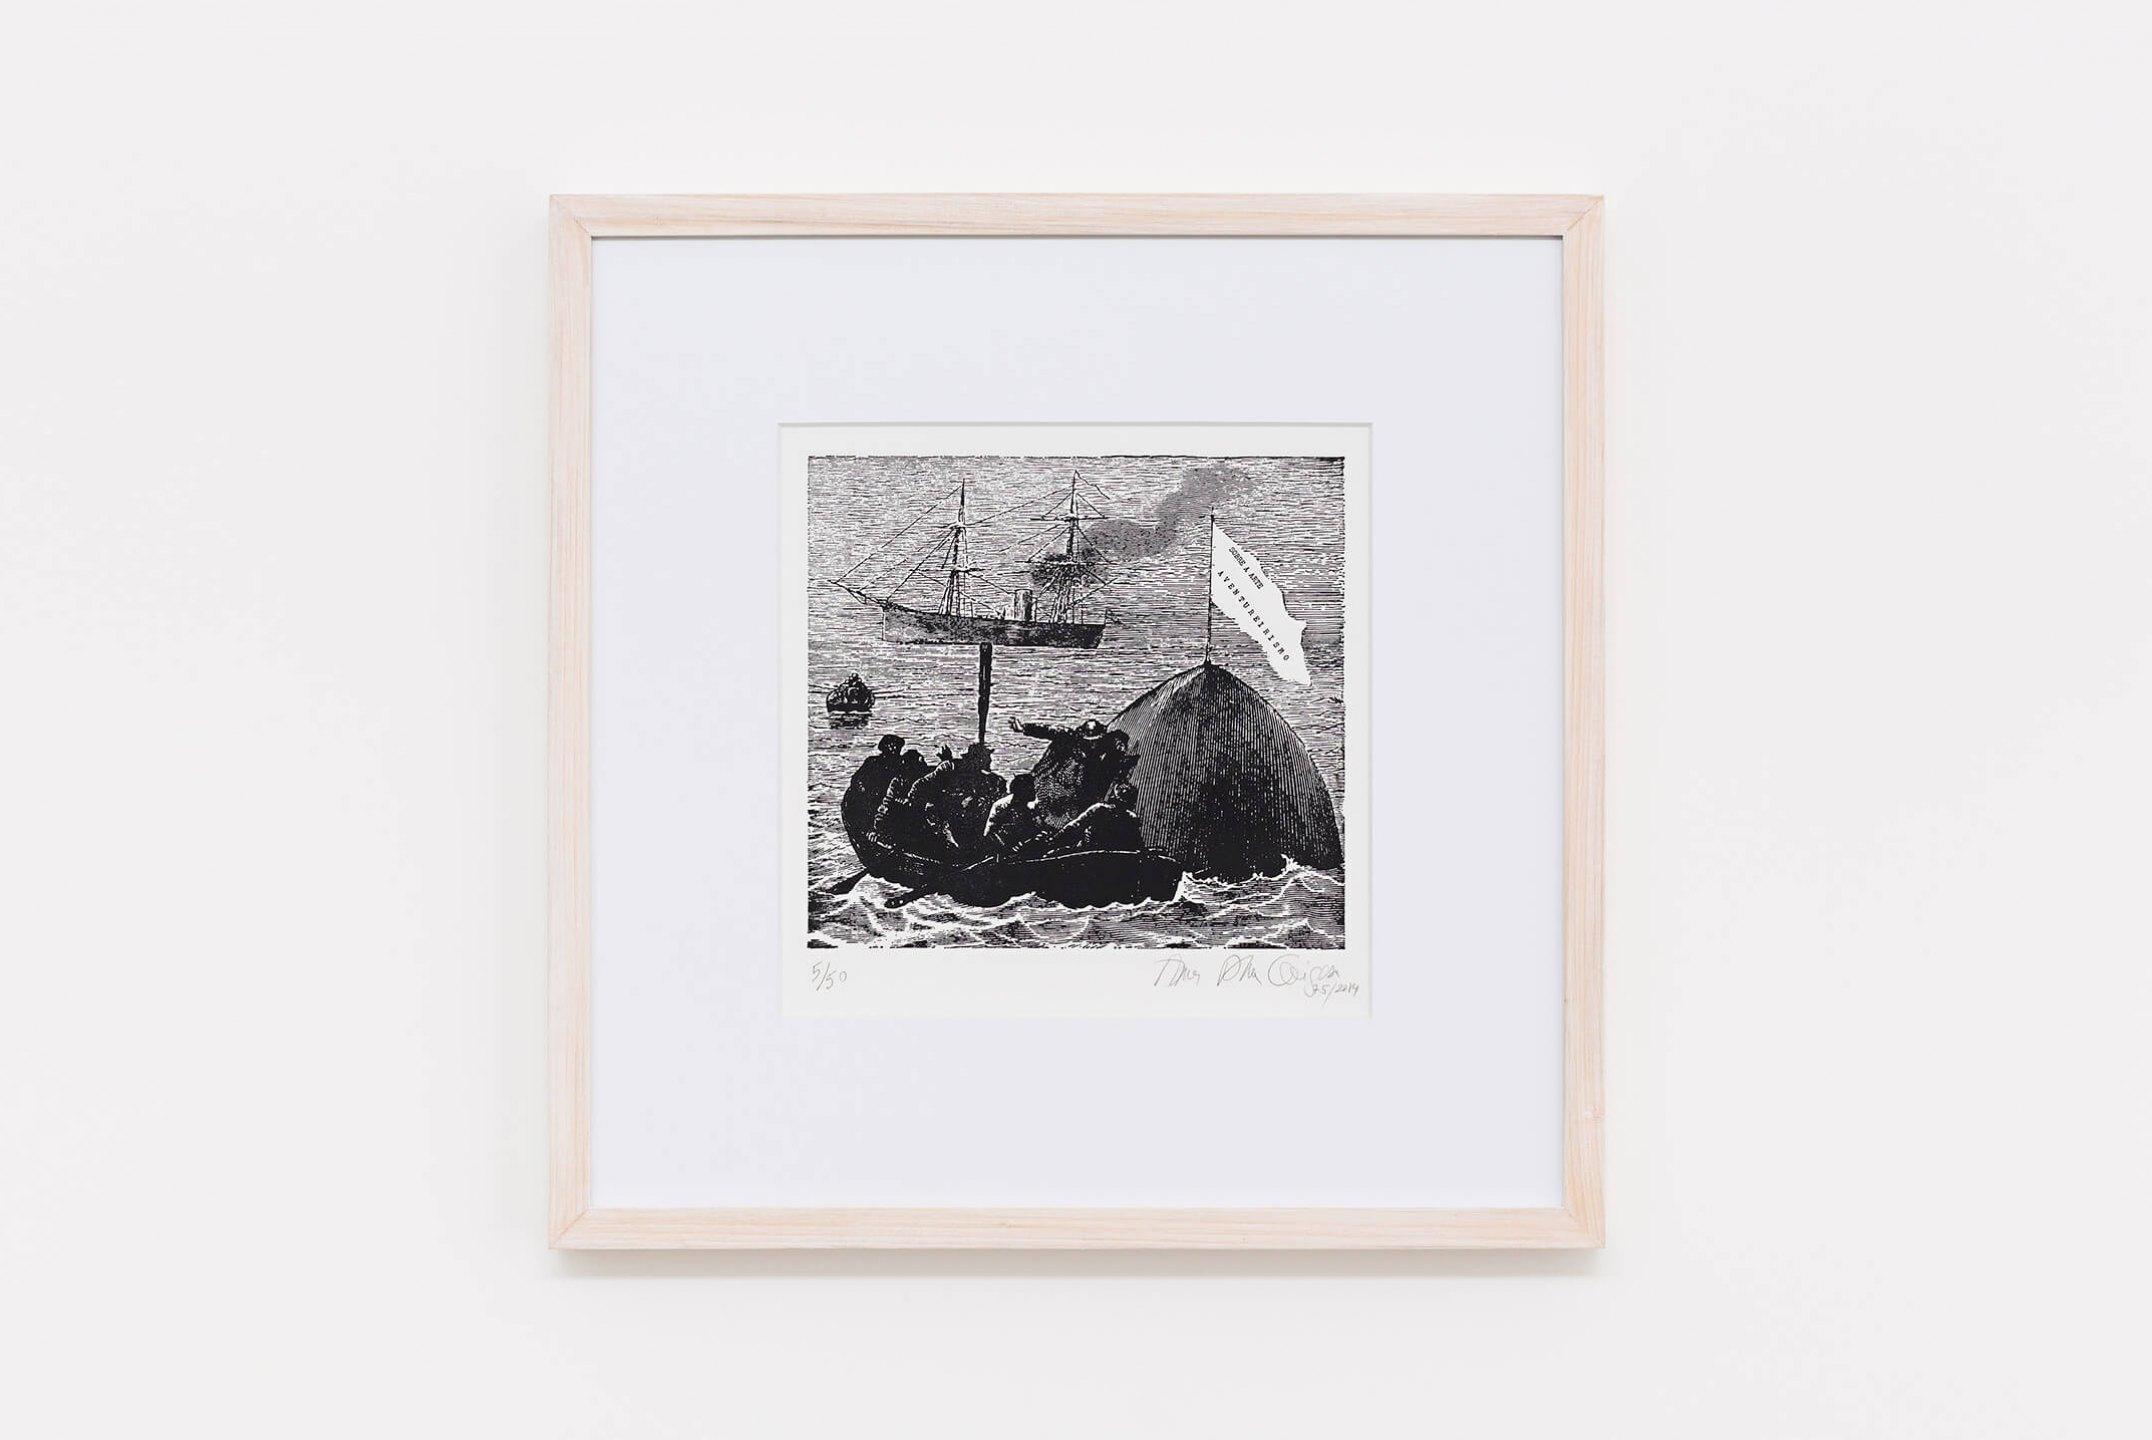 Anna Bella Geiger,<em>Aventureirismo</em>, 1975/2014, engraving on metal, 85 × 99 cm - Mendes Wood DM